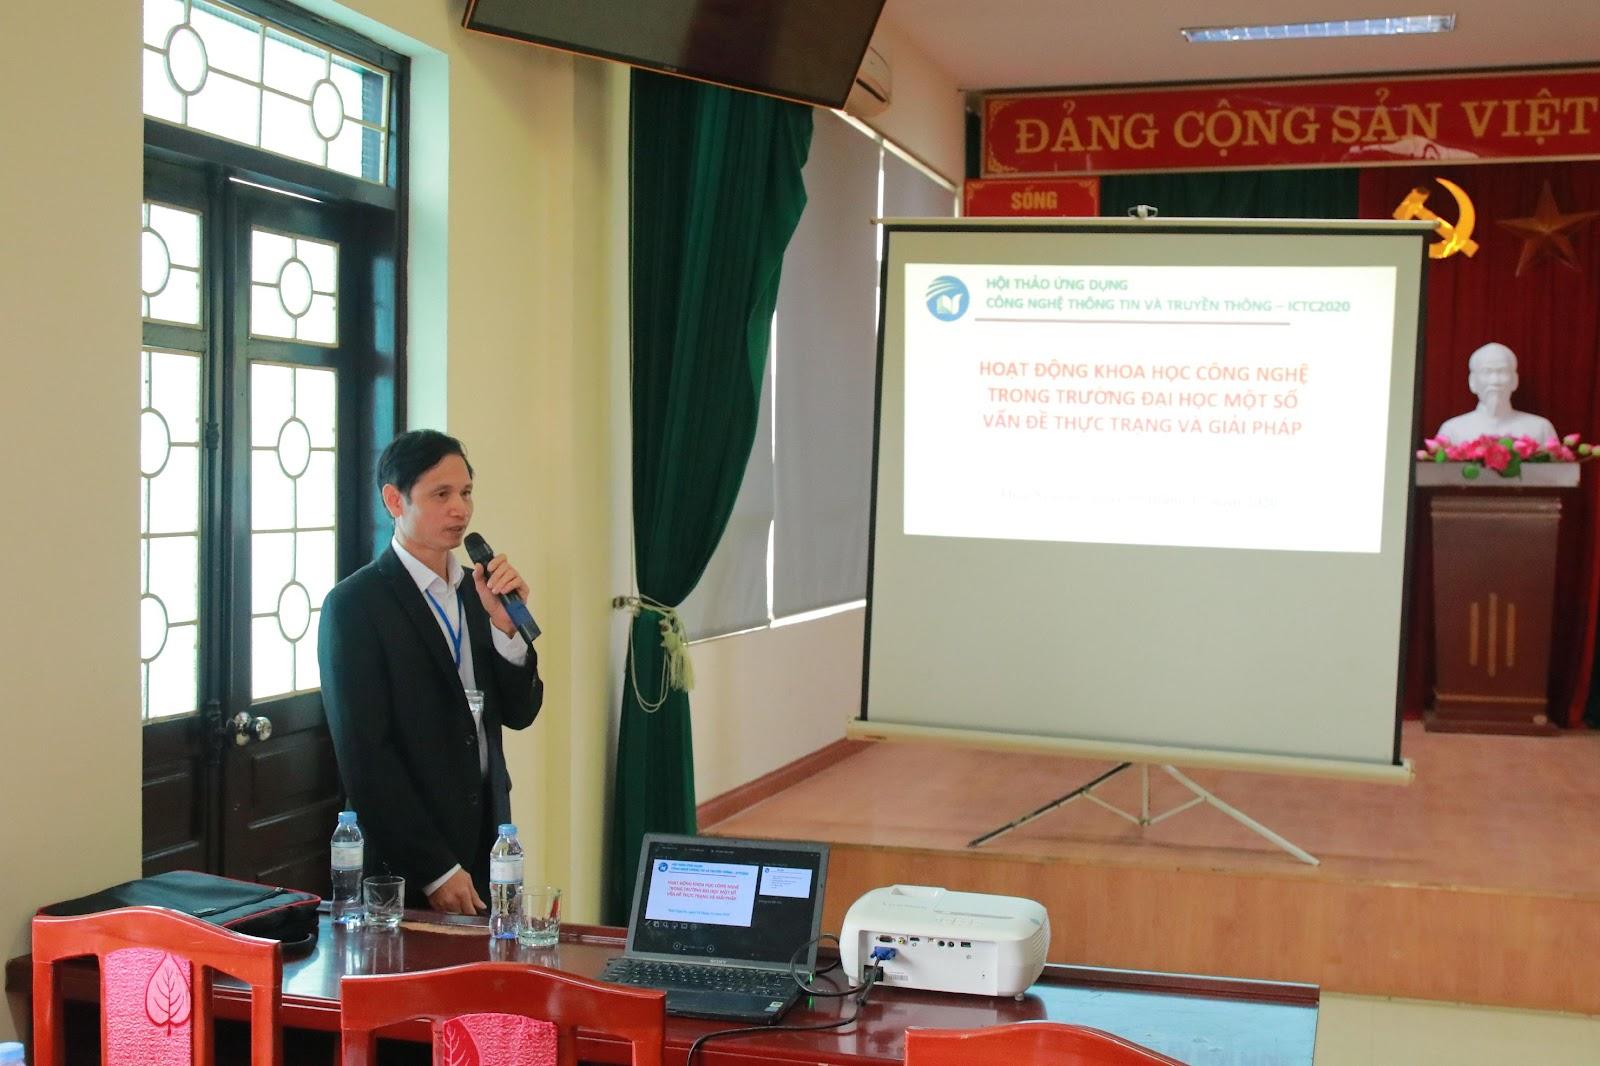 TS. Vũ Đức Thái trình bày báo cáo tại Hội thảo